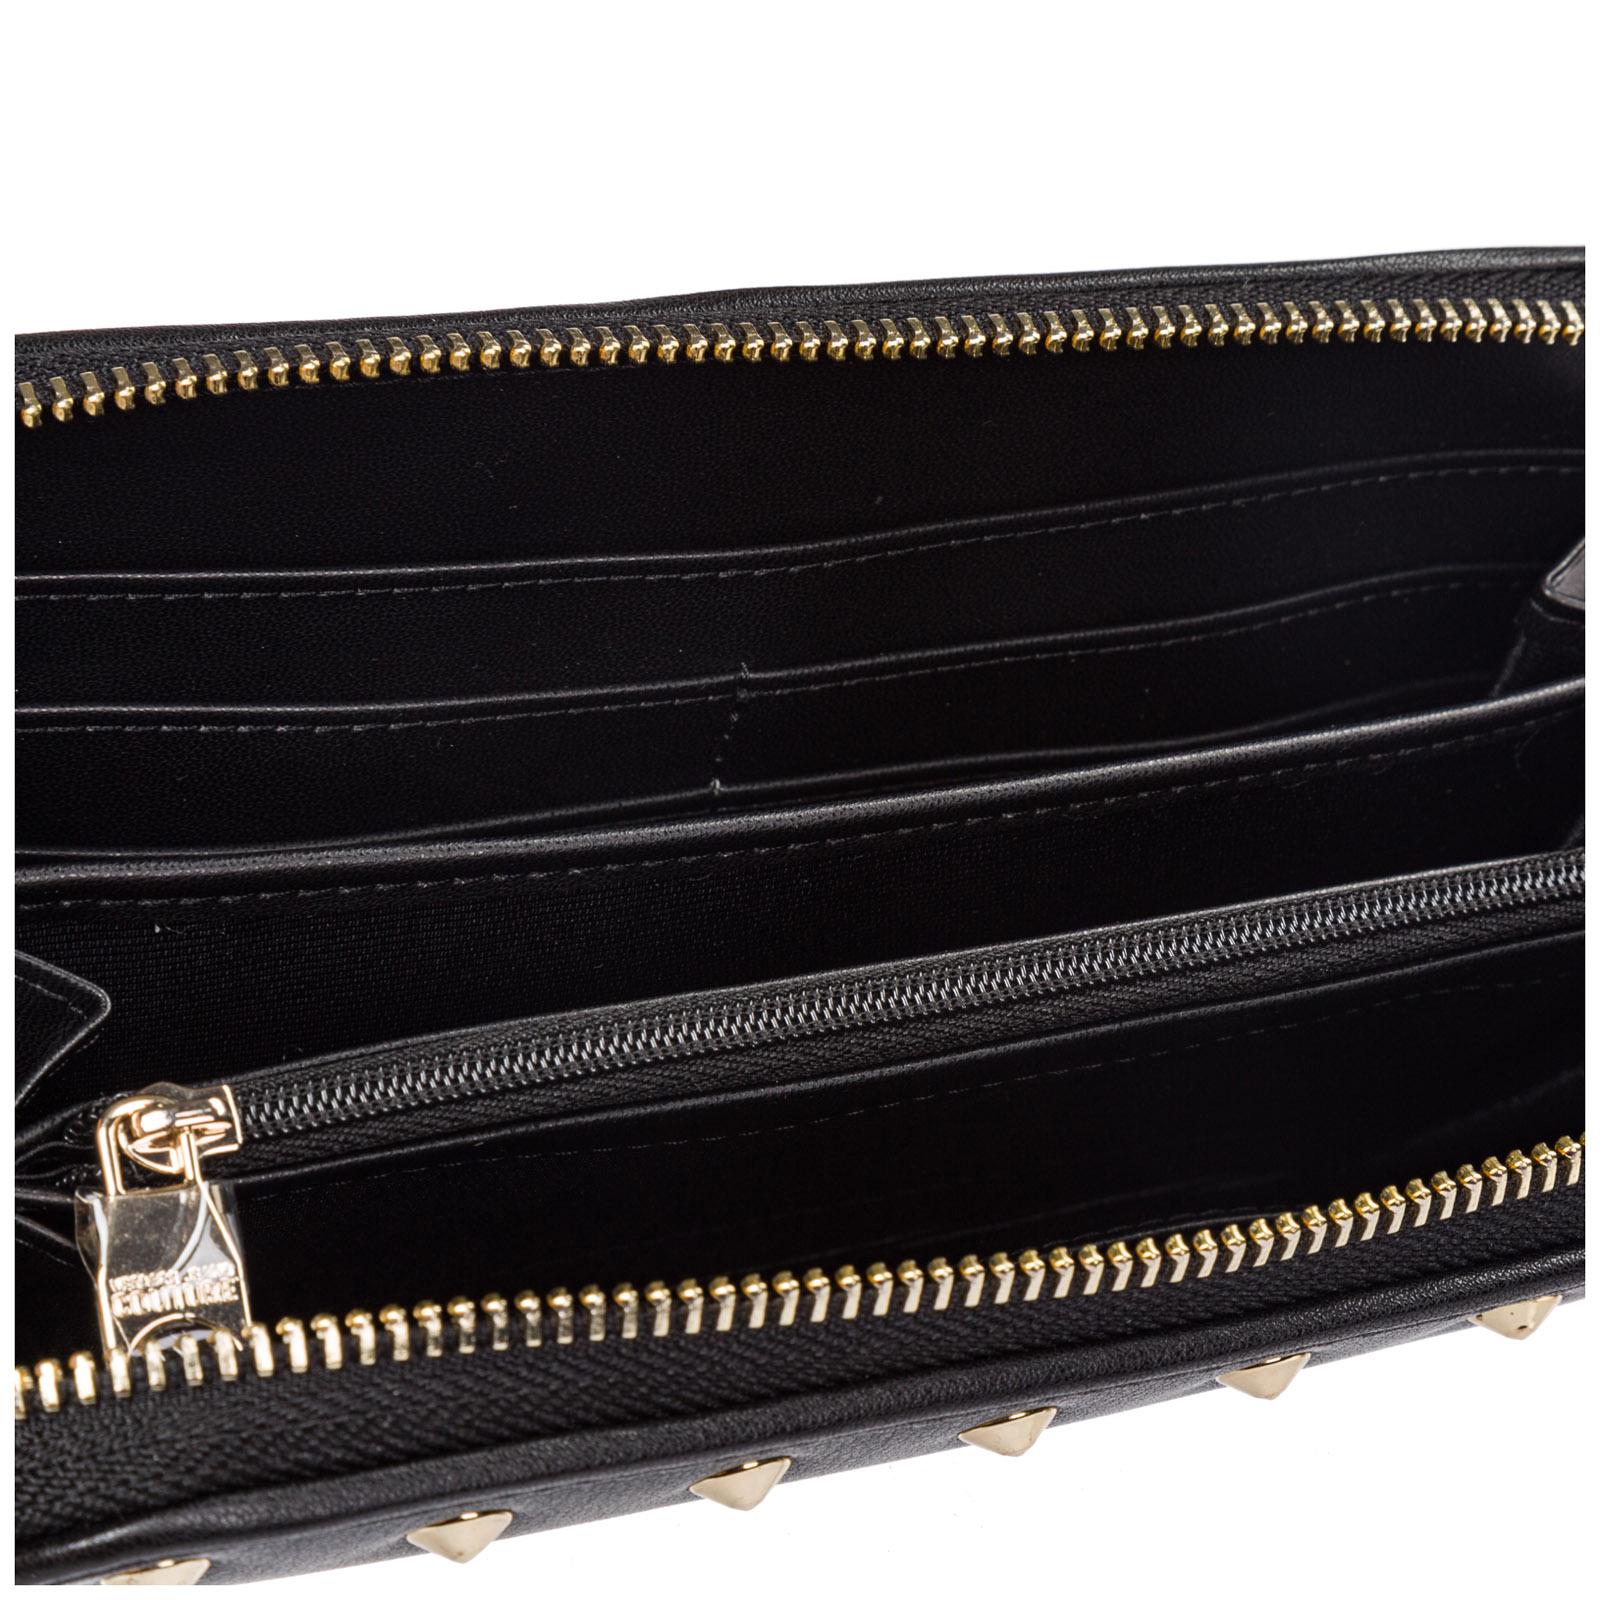 d786d93edc8a9 Women's wallet coin case holder purse card bifold